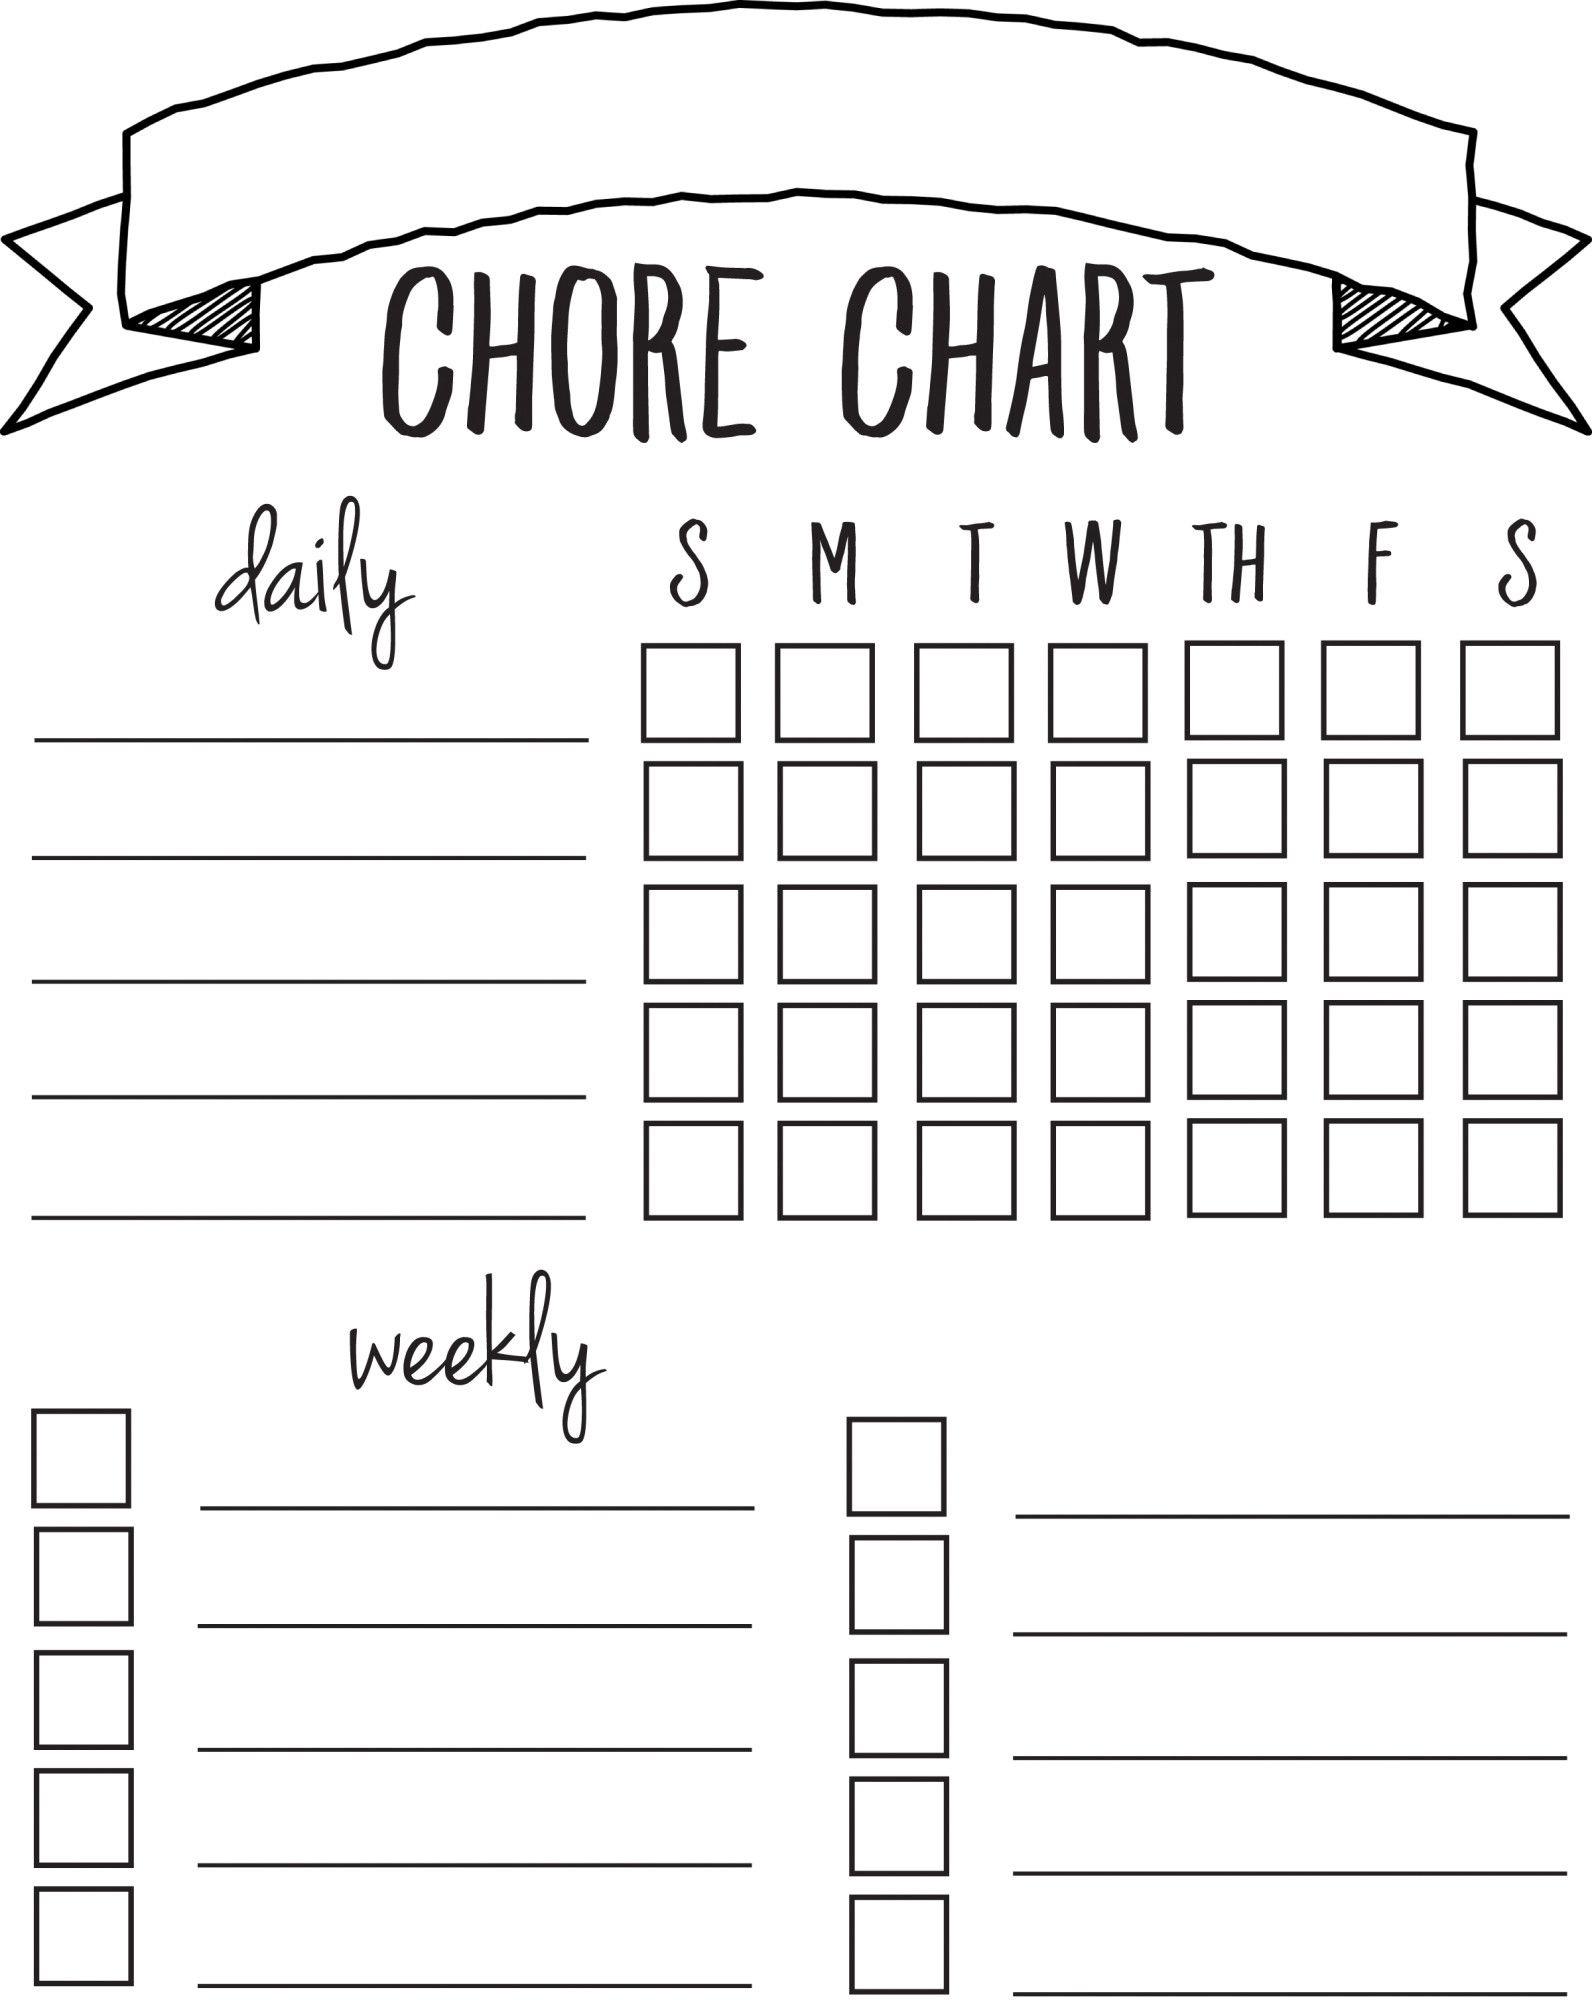 Diy Printable Chore Chart | Free Printables Nov/feb | Chore Chart - Chore Chart For Adults Printable Free